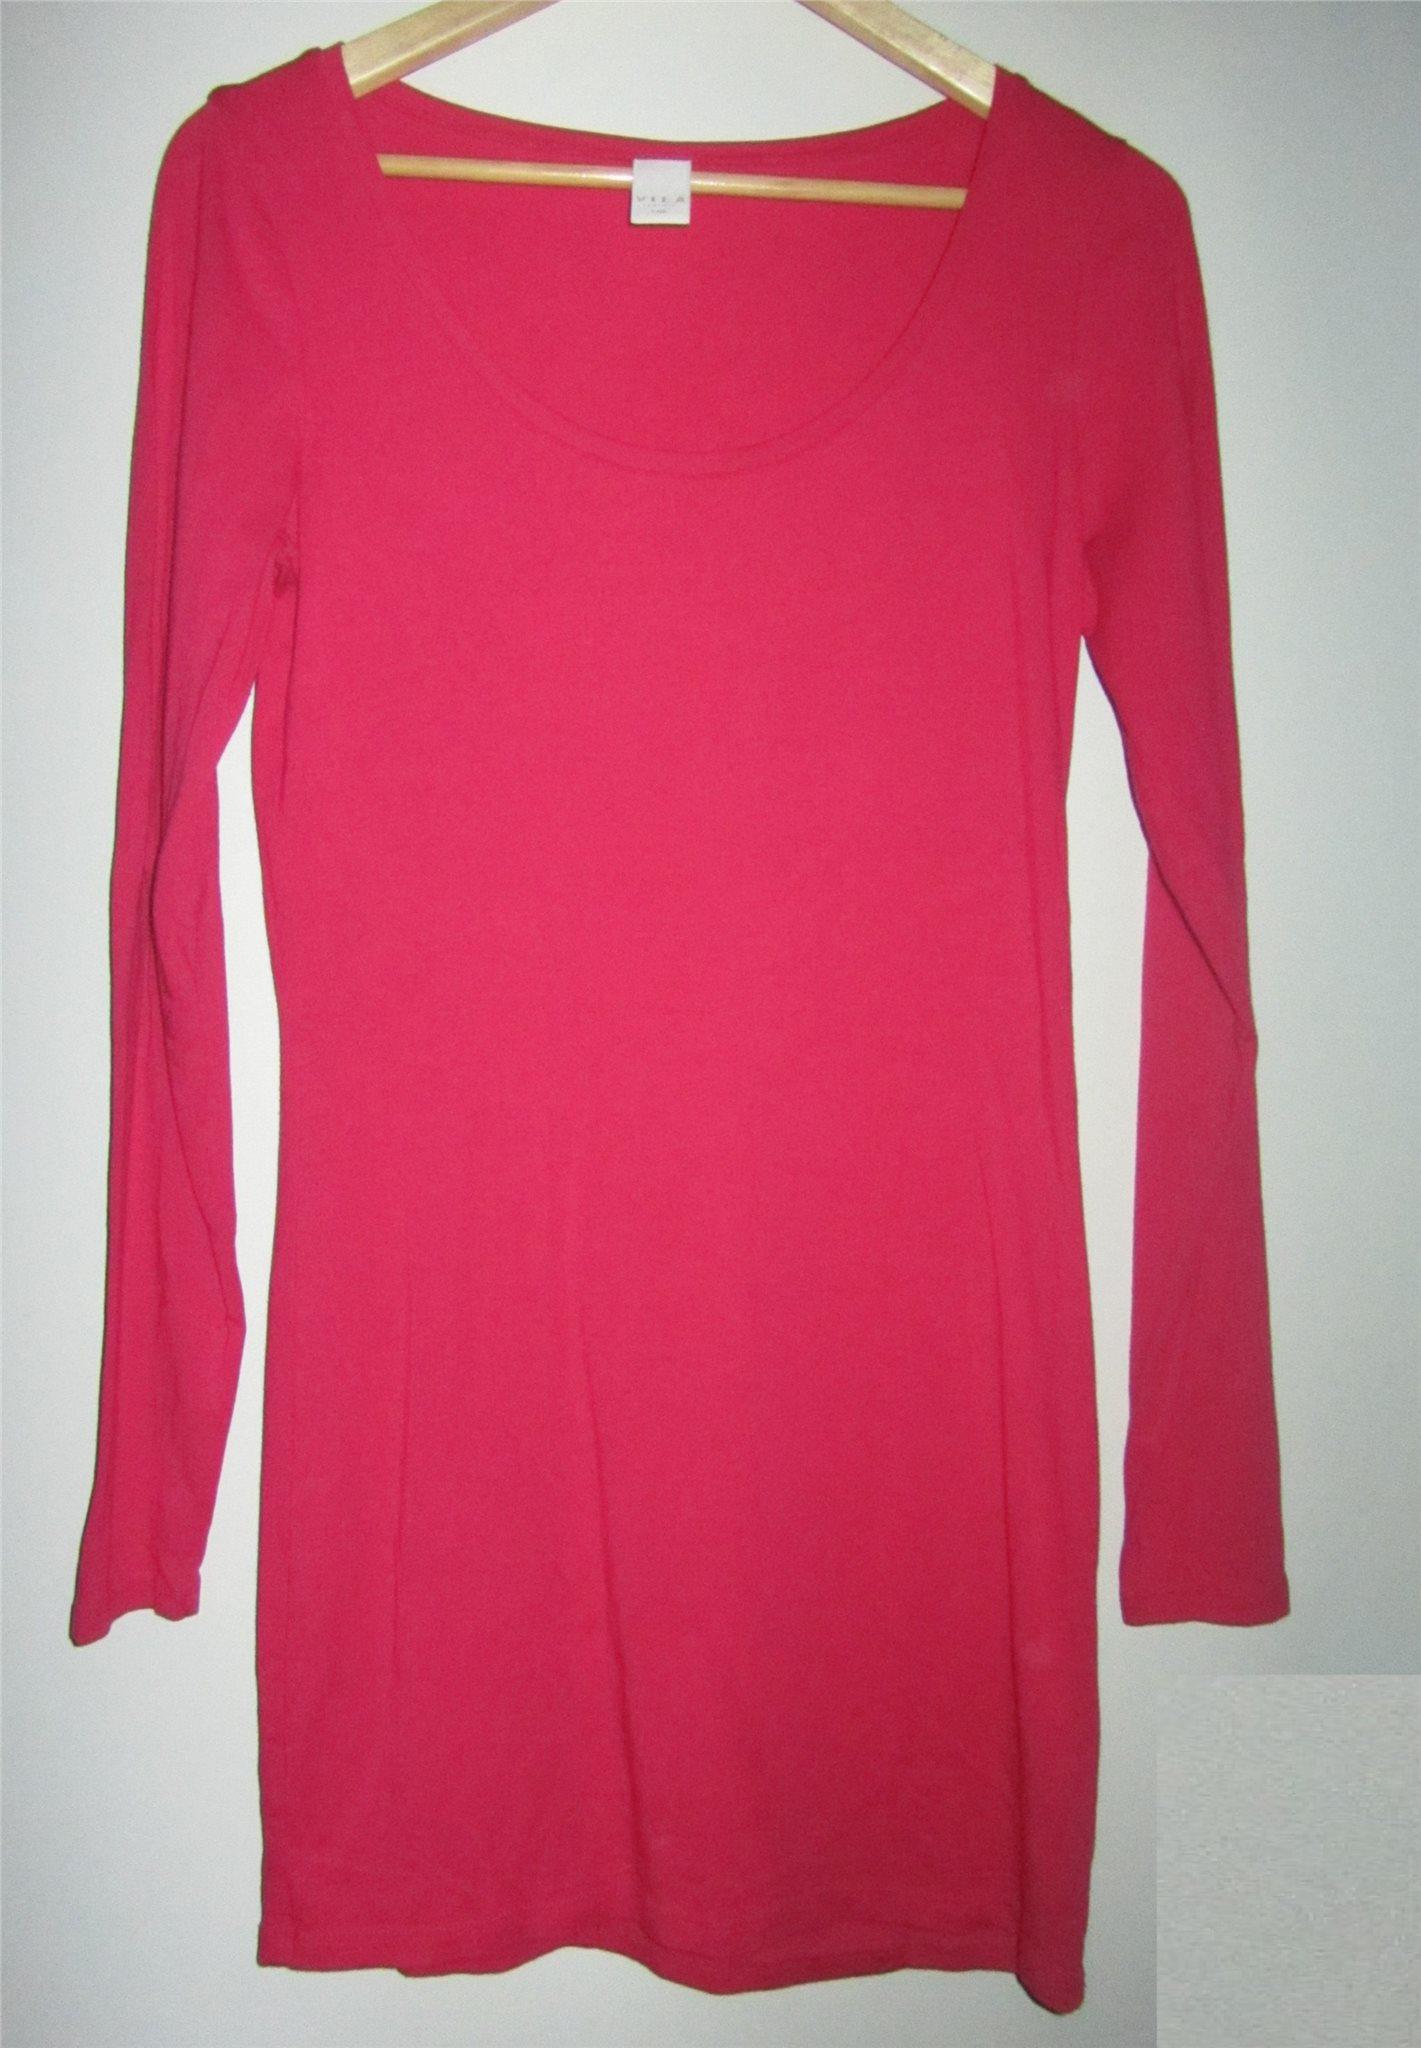 e3469c1baa88 VILA mjuk trikå klänning /lång tröja Toppskick .. (339476830) ᐈ Köp ...